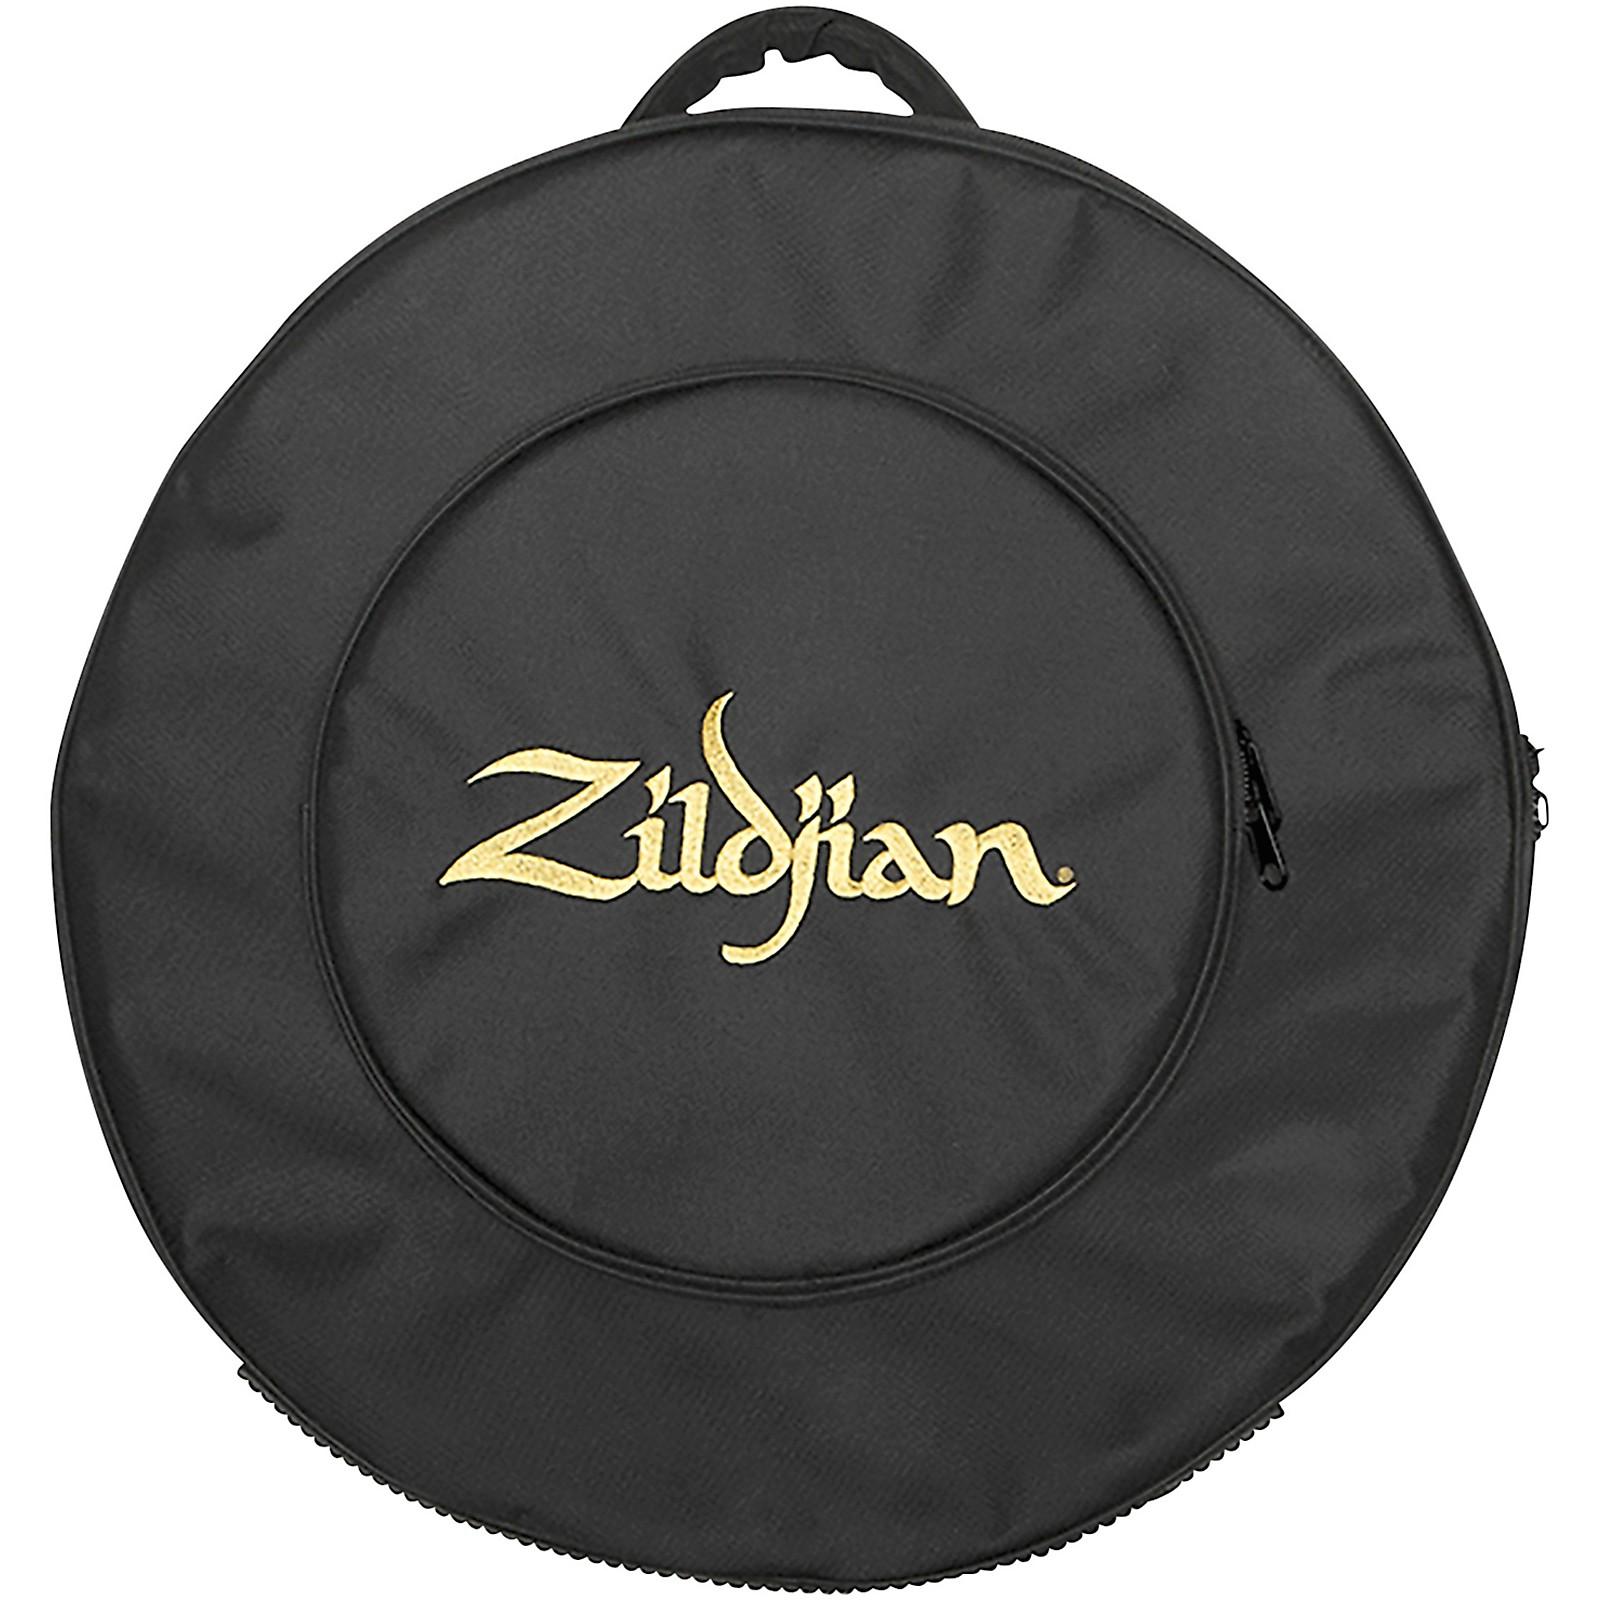 Zildjian Deluxe Backpack Cymbal Bag